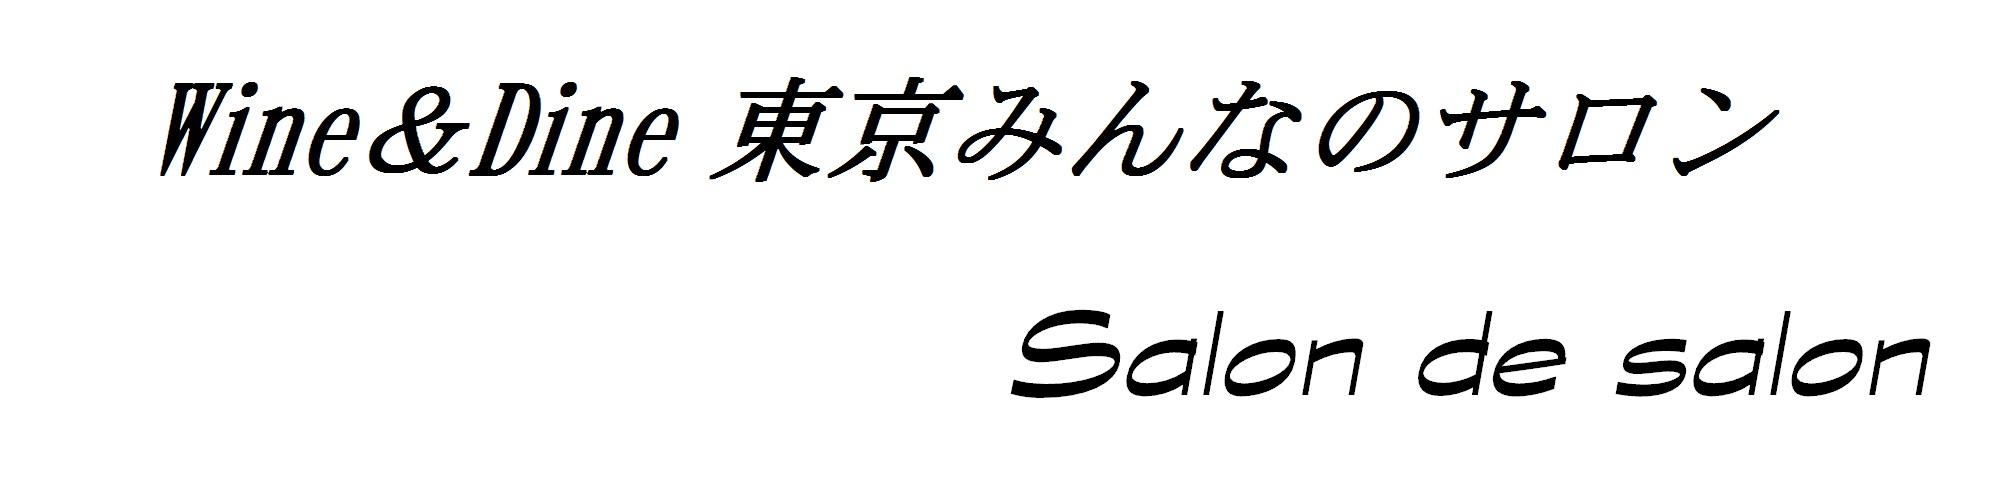 Wine&Dine東京みんなのサロン 美食とワインとおとな達の社交場